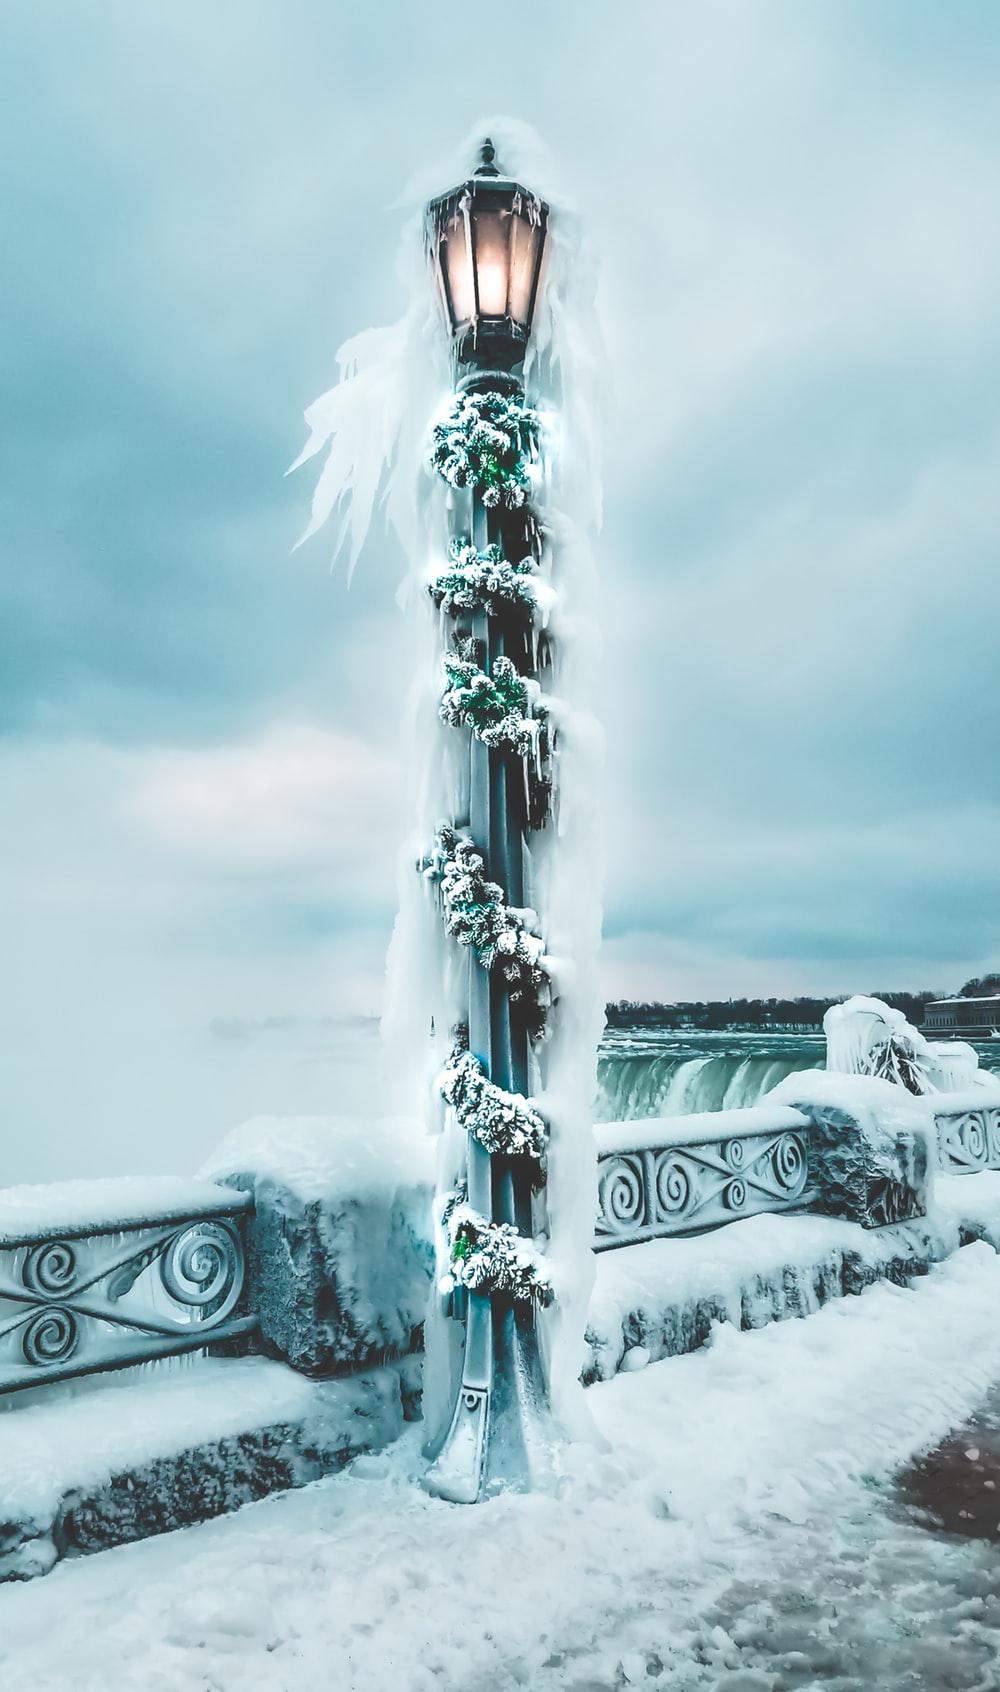 Winterwunderland Niagara Falls viele dramatische Bilder im Winter